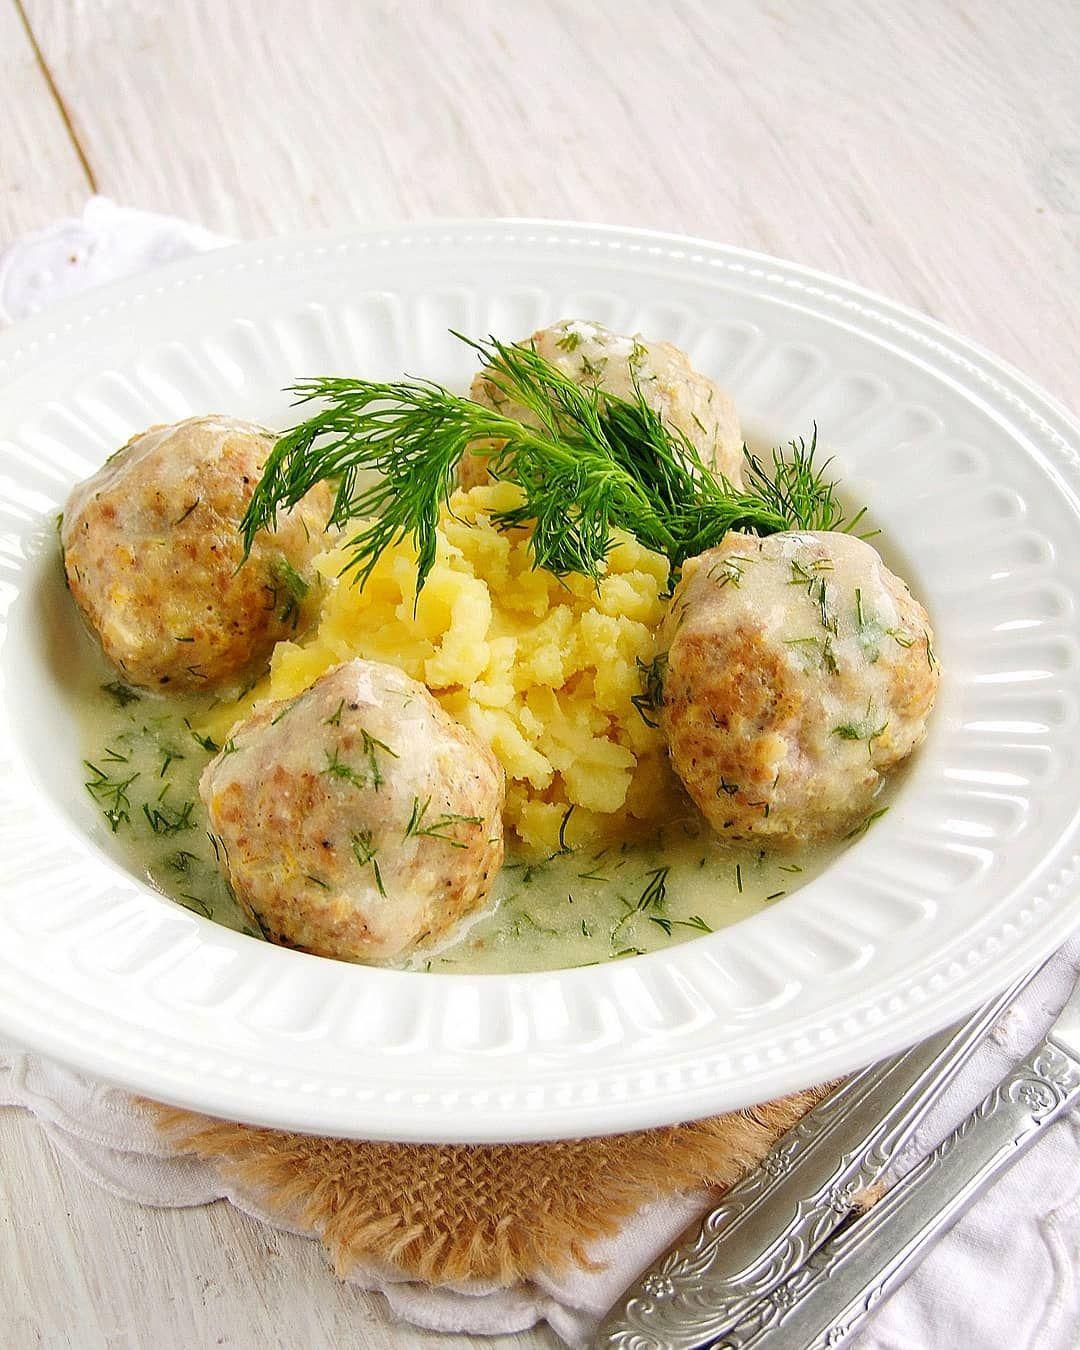 Givre devant la fenêtre et avec nous au printemps #obiad #pulpety au yaourt et à la sauce à l'aneth ...... - #abendessen #akşamyemeği #albóndigas #almôndegas #AVEC #boulettesdeviande #cena #devant #dîner #dinner #fenetre #food #frikadellen #givre #homemadecooking #homemadefood #jantar #köfte #l39aneth #meatballs #nous #obiad #polpette #printemps #pulpety #receita #receta #reçete #recette #recipe #recipes #rezept #ricetta #sauce #yaourt #yummy #рецепт #ужин #фрикадельки #polpetterezept